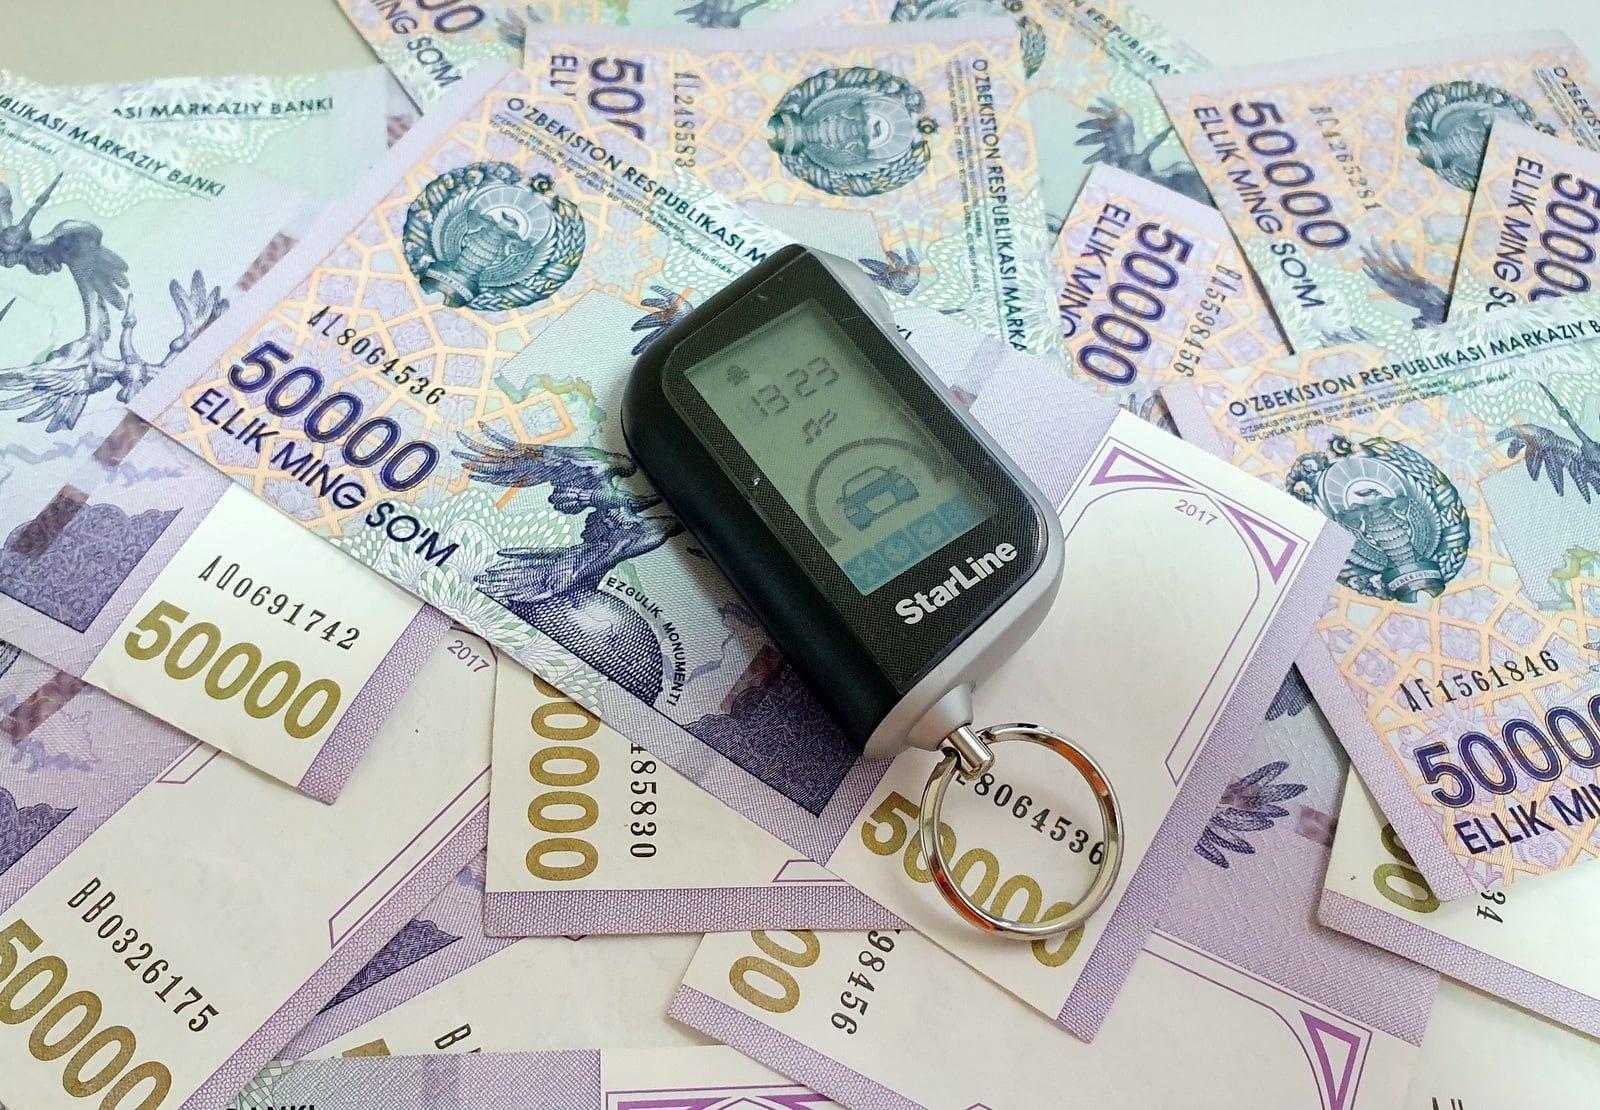 Узбекский сум - купюры номиналом 50 тысяч сумов. Базовая расчетная величина для штрафов и государственных пошлин в Узбекистане вводится вместо минималки МРЗП - теперь будет БРВ